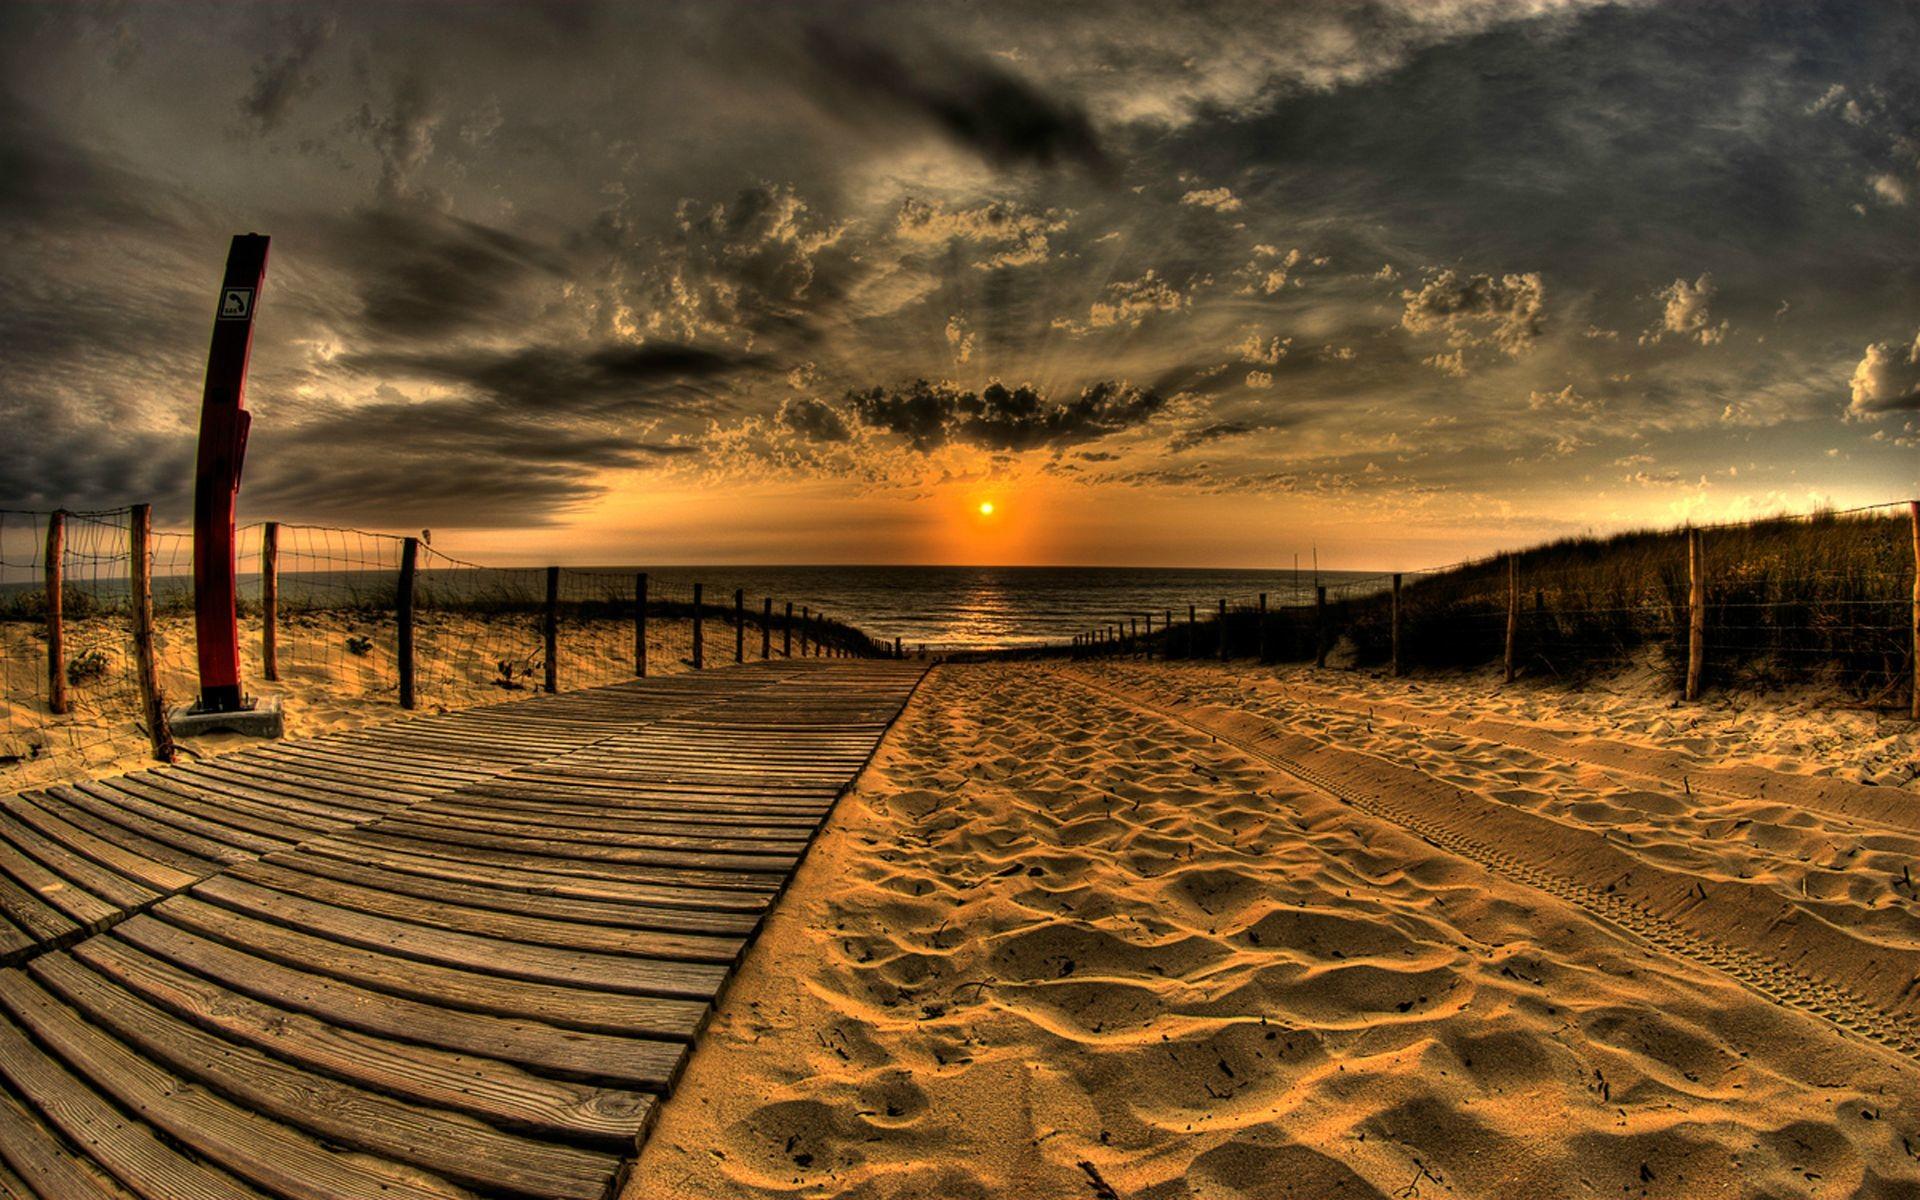 Beach Sunset Screensavers, wallpaper, Beach Sunset Screensavers hd .